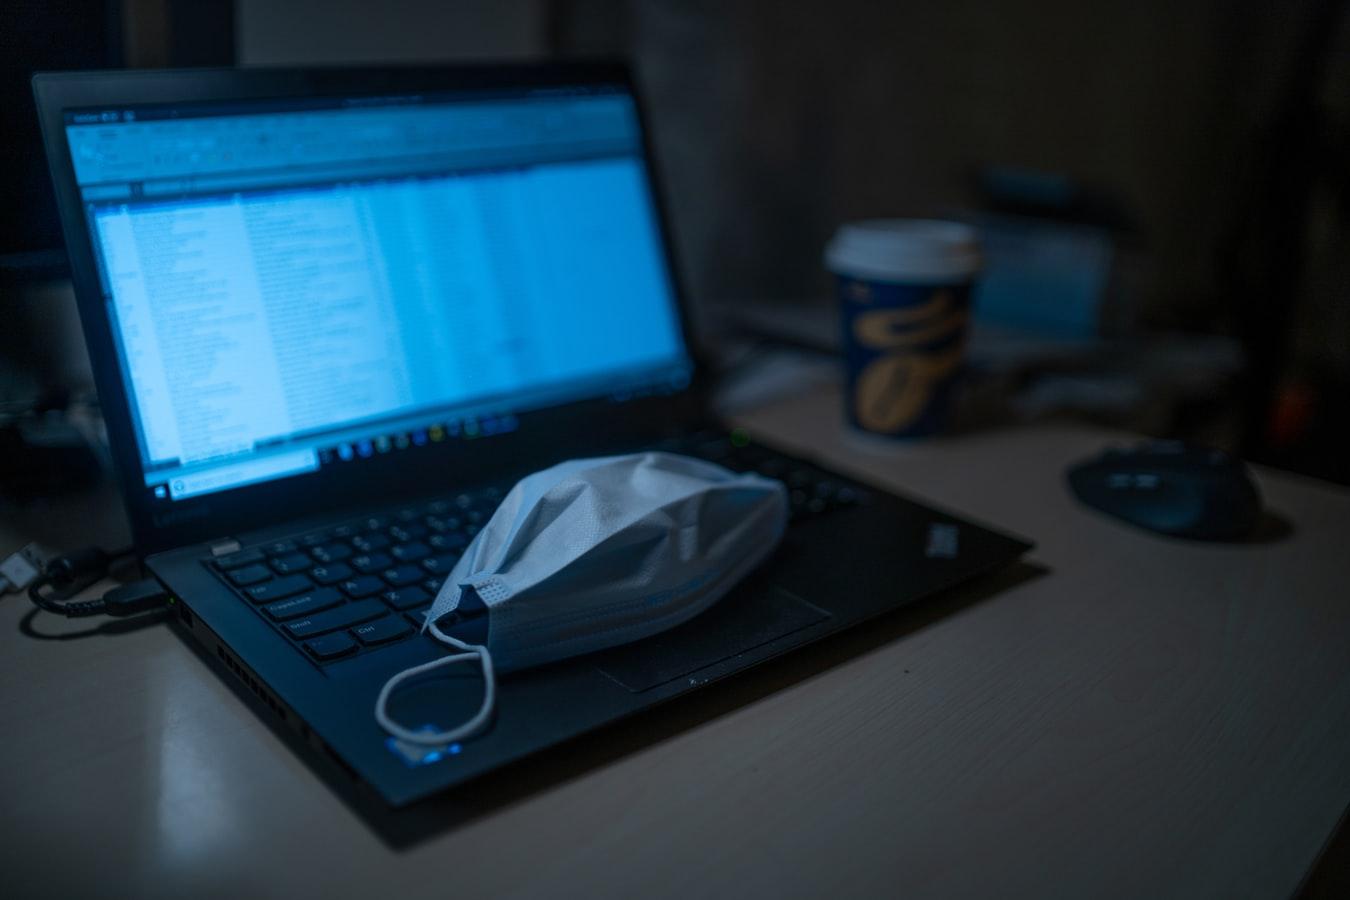 Coronavirus, Microsoft offre i suoi servizi per lo Smartworking